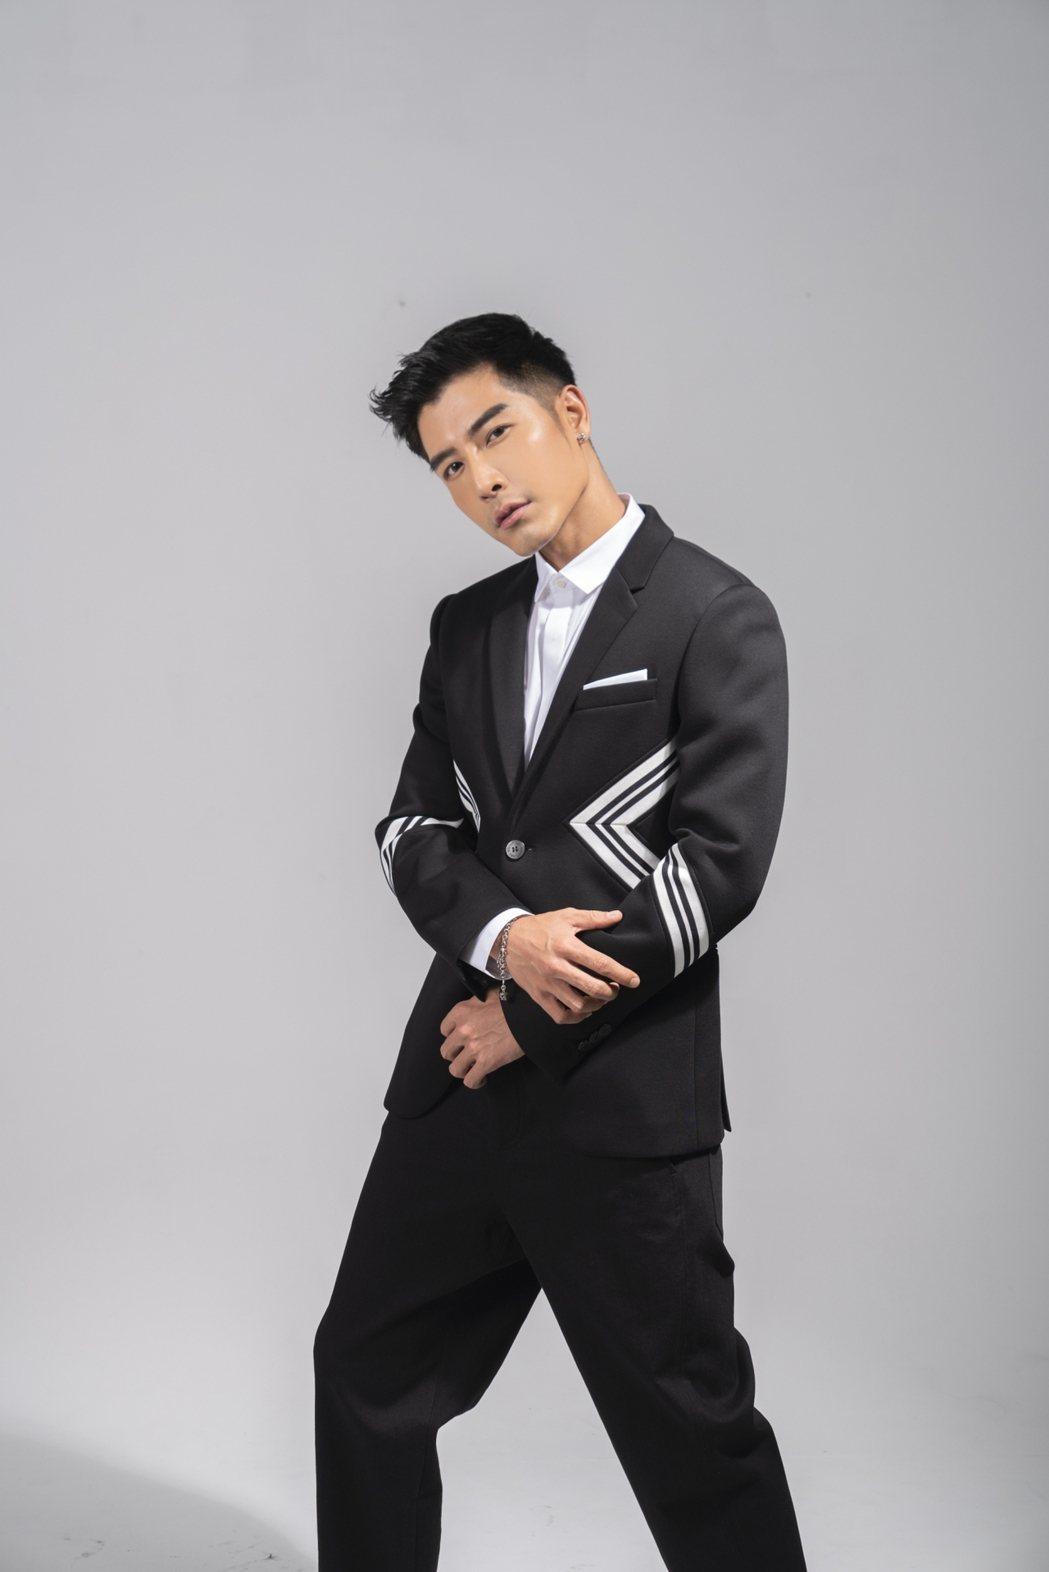 森田從網路模特成功轉戰電商平台。艾迪昇傳播提供